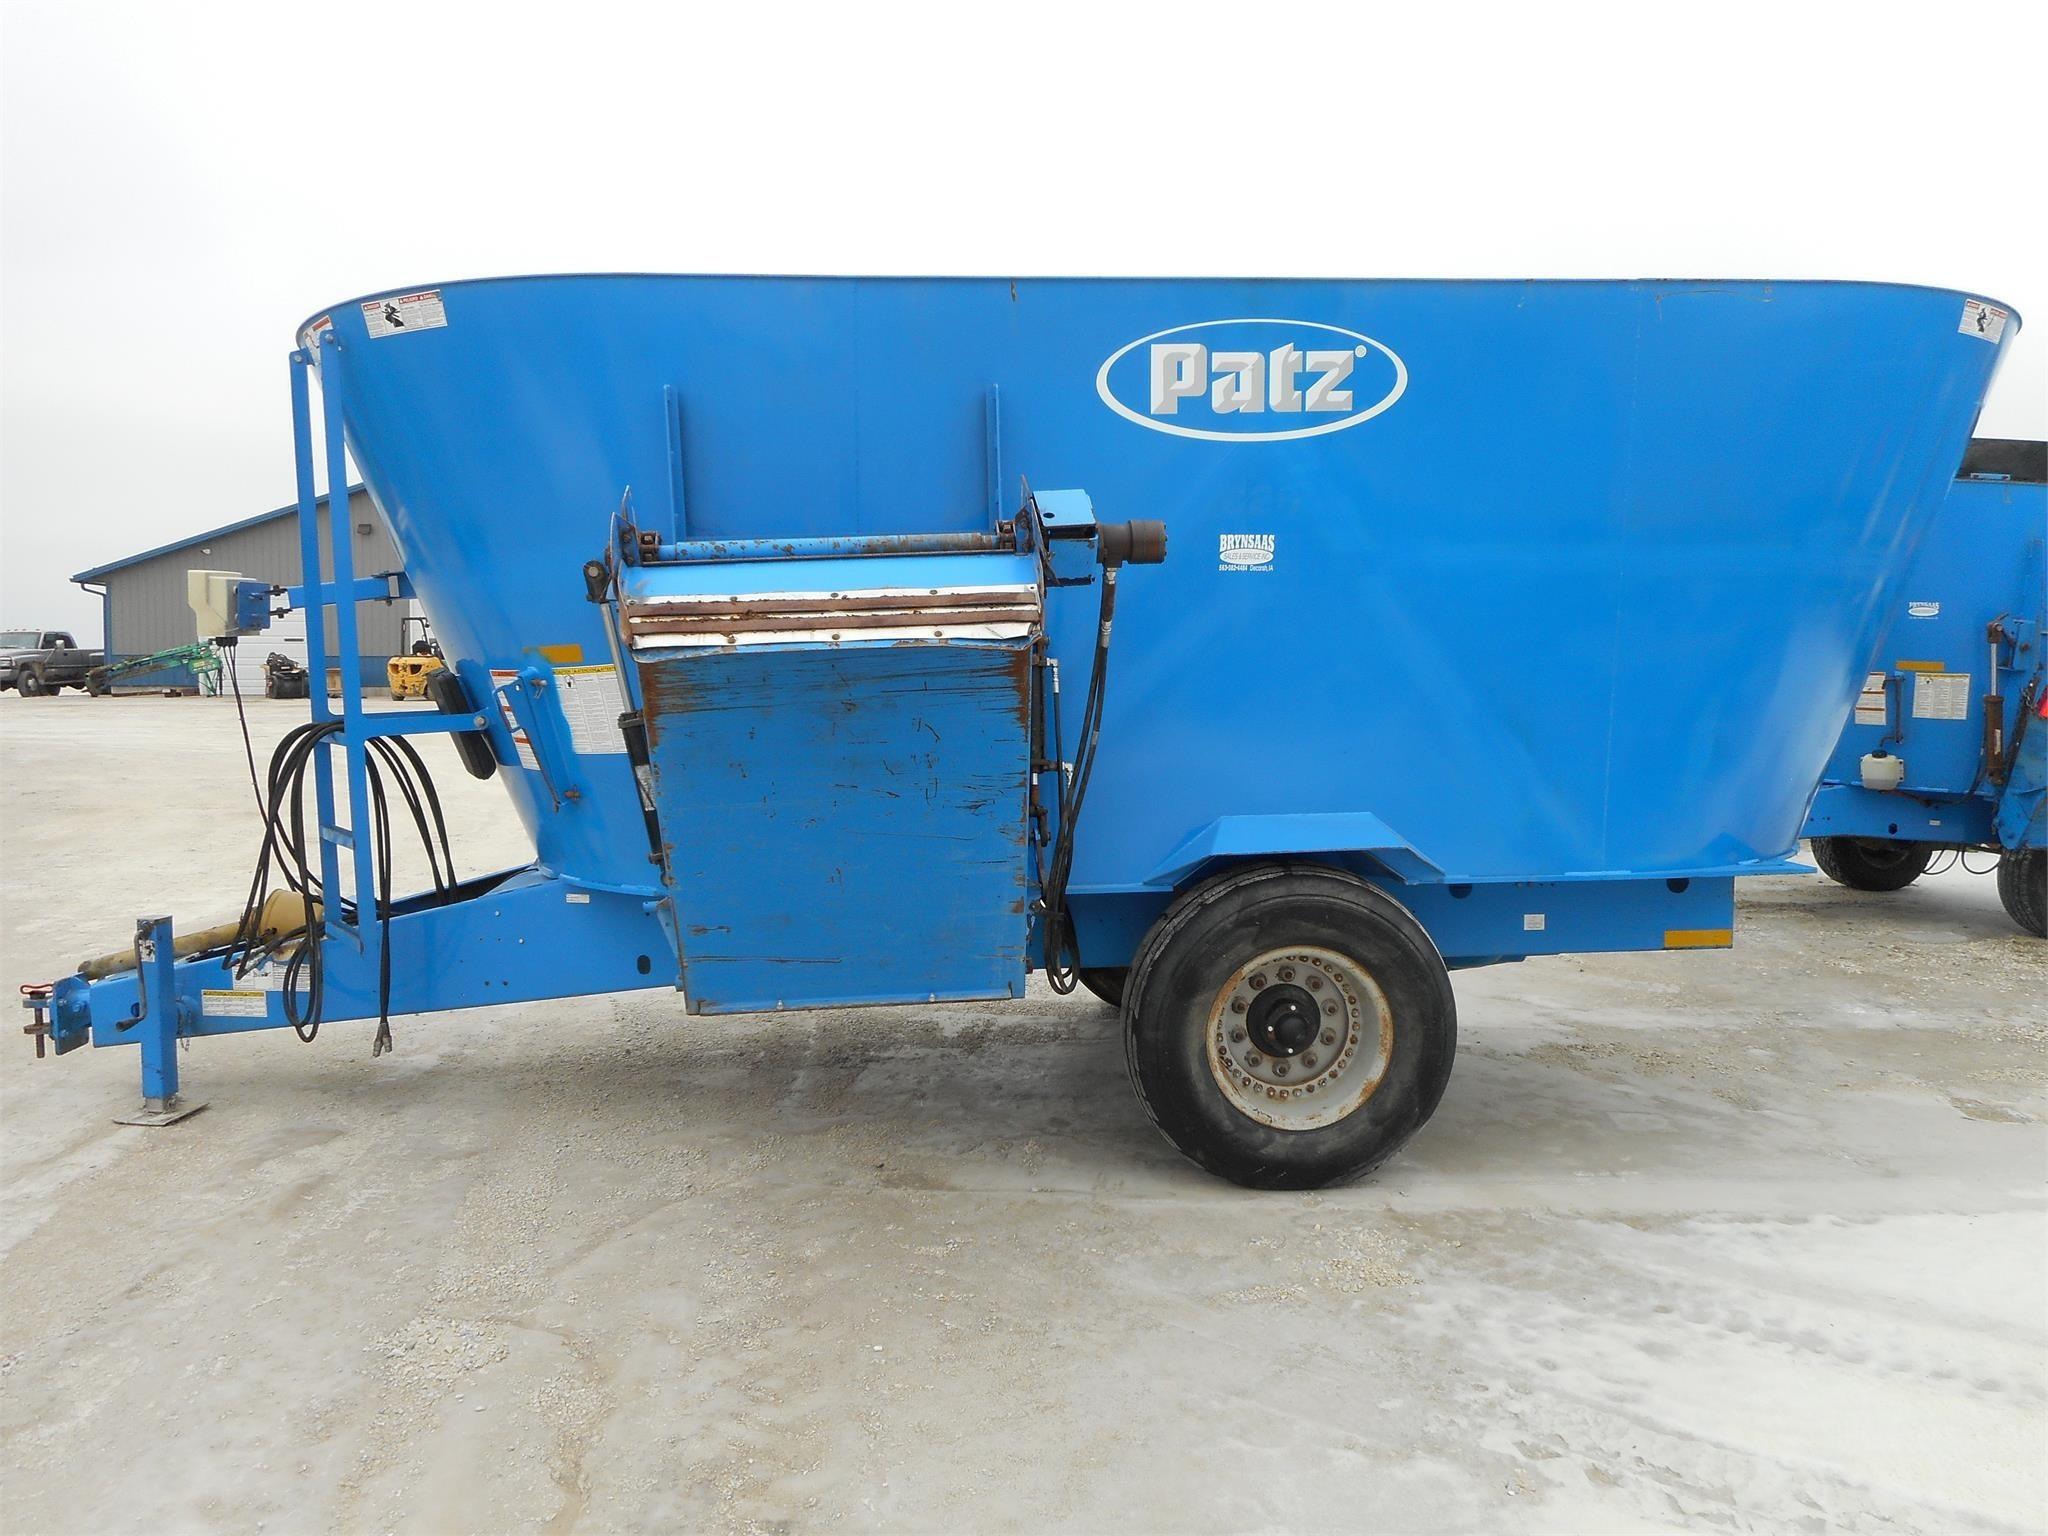 2008 Patz 620 Grinders and Mixer